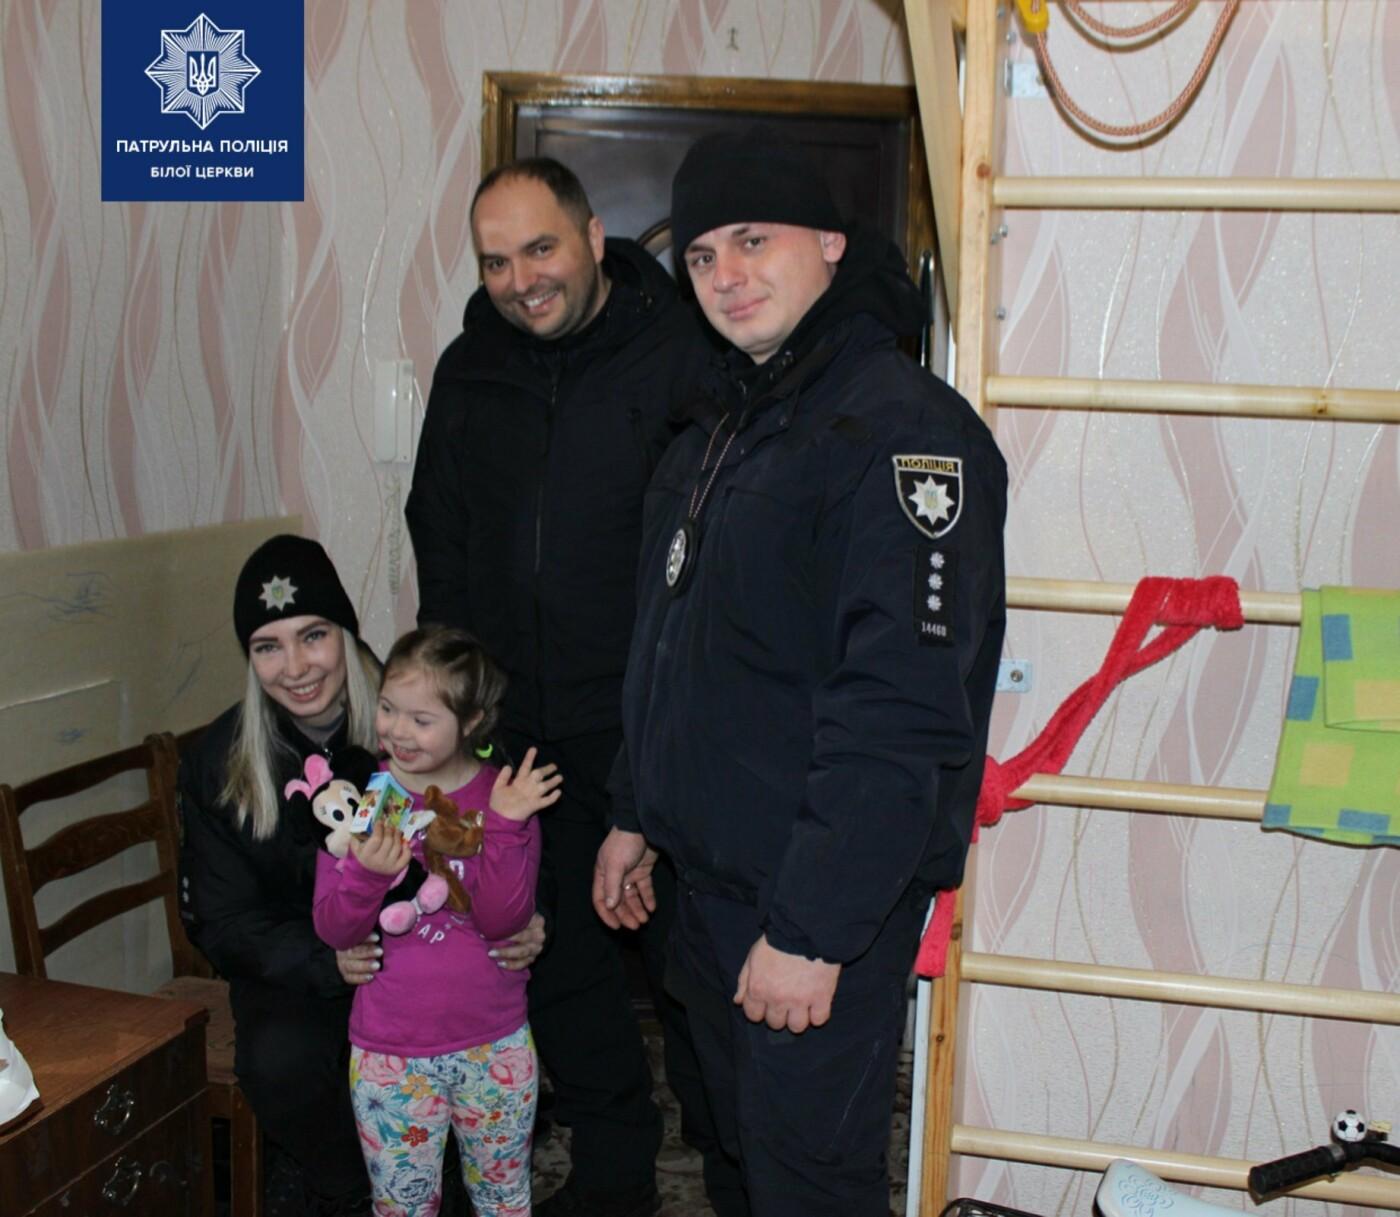 Білоцерківські патрульні та патрульний капелан привітали діток зі святами, фото-10